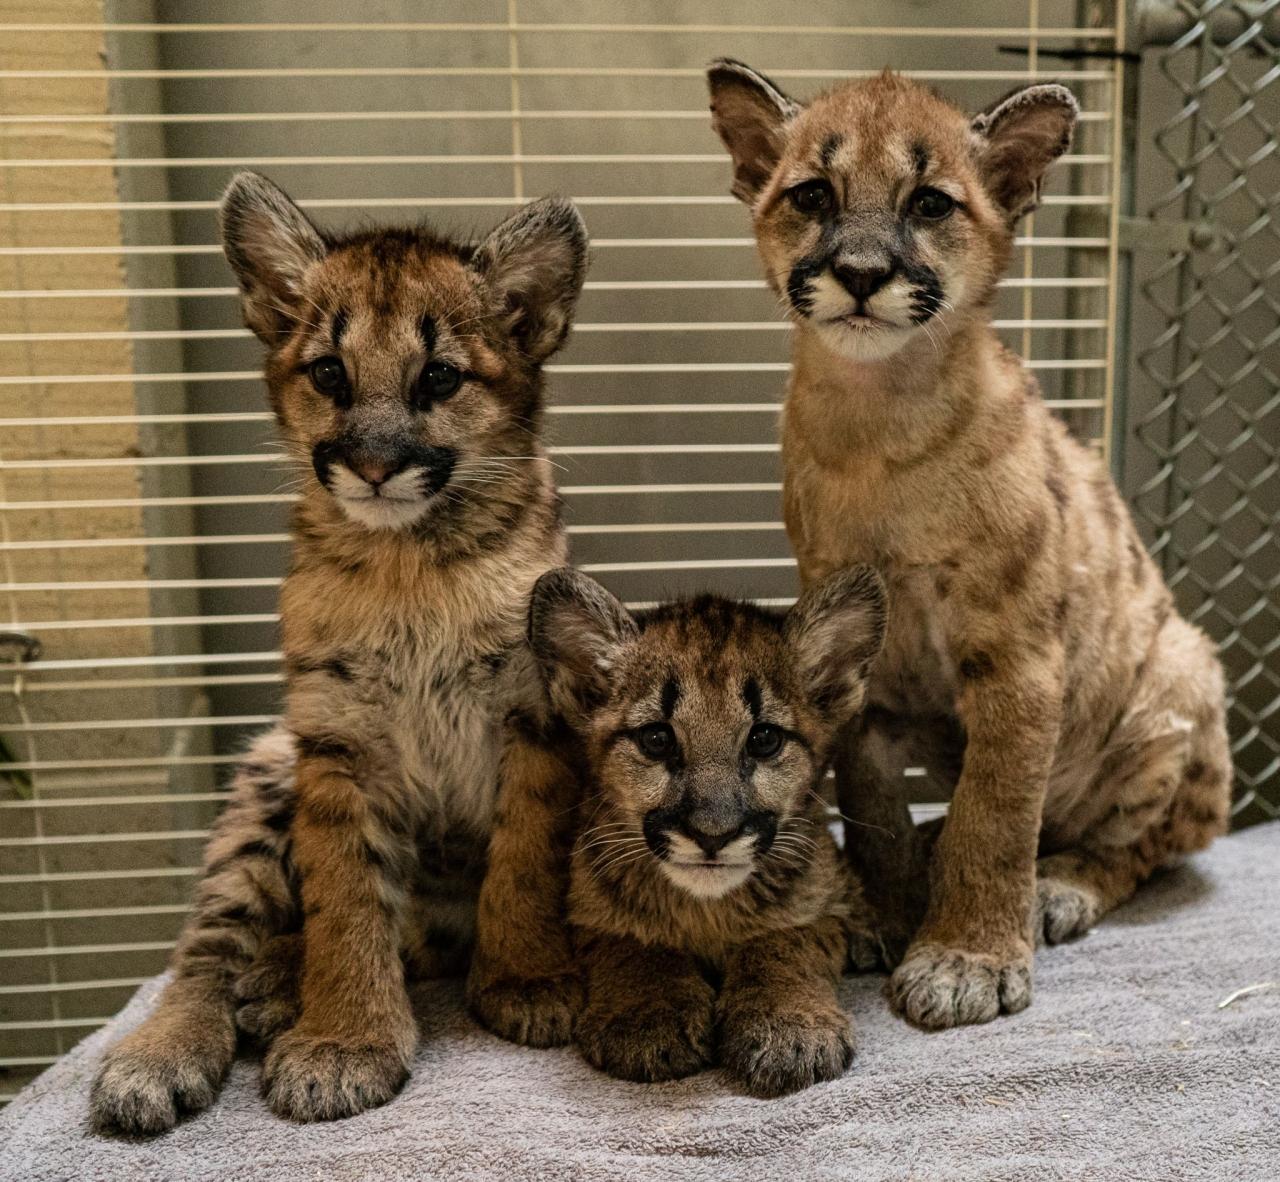 Mtn lion cubs